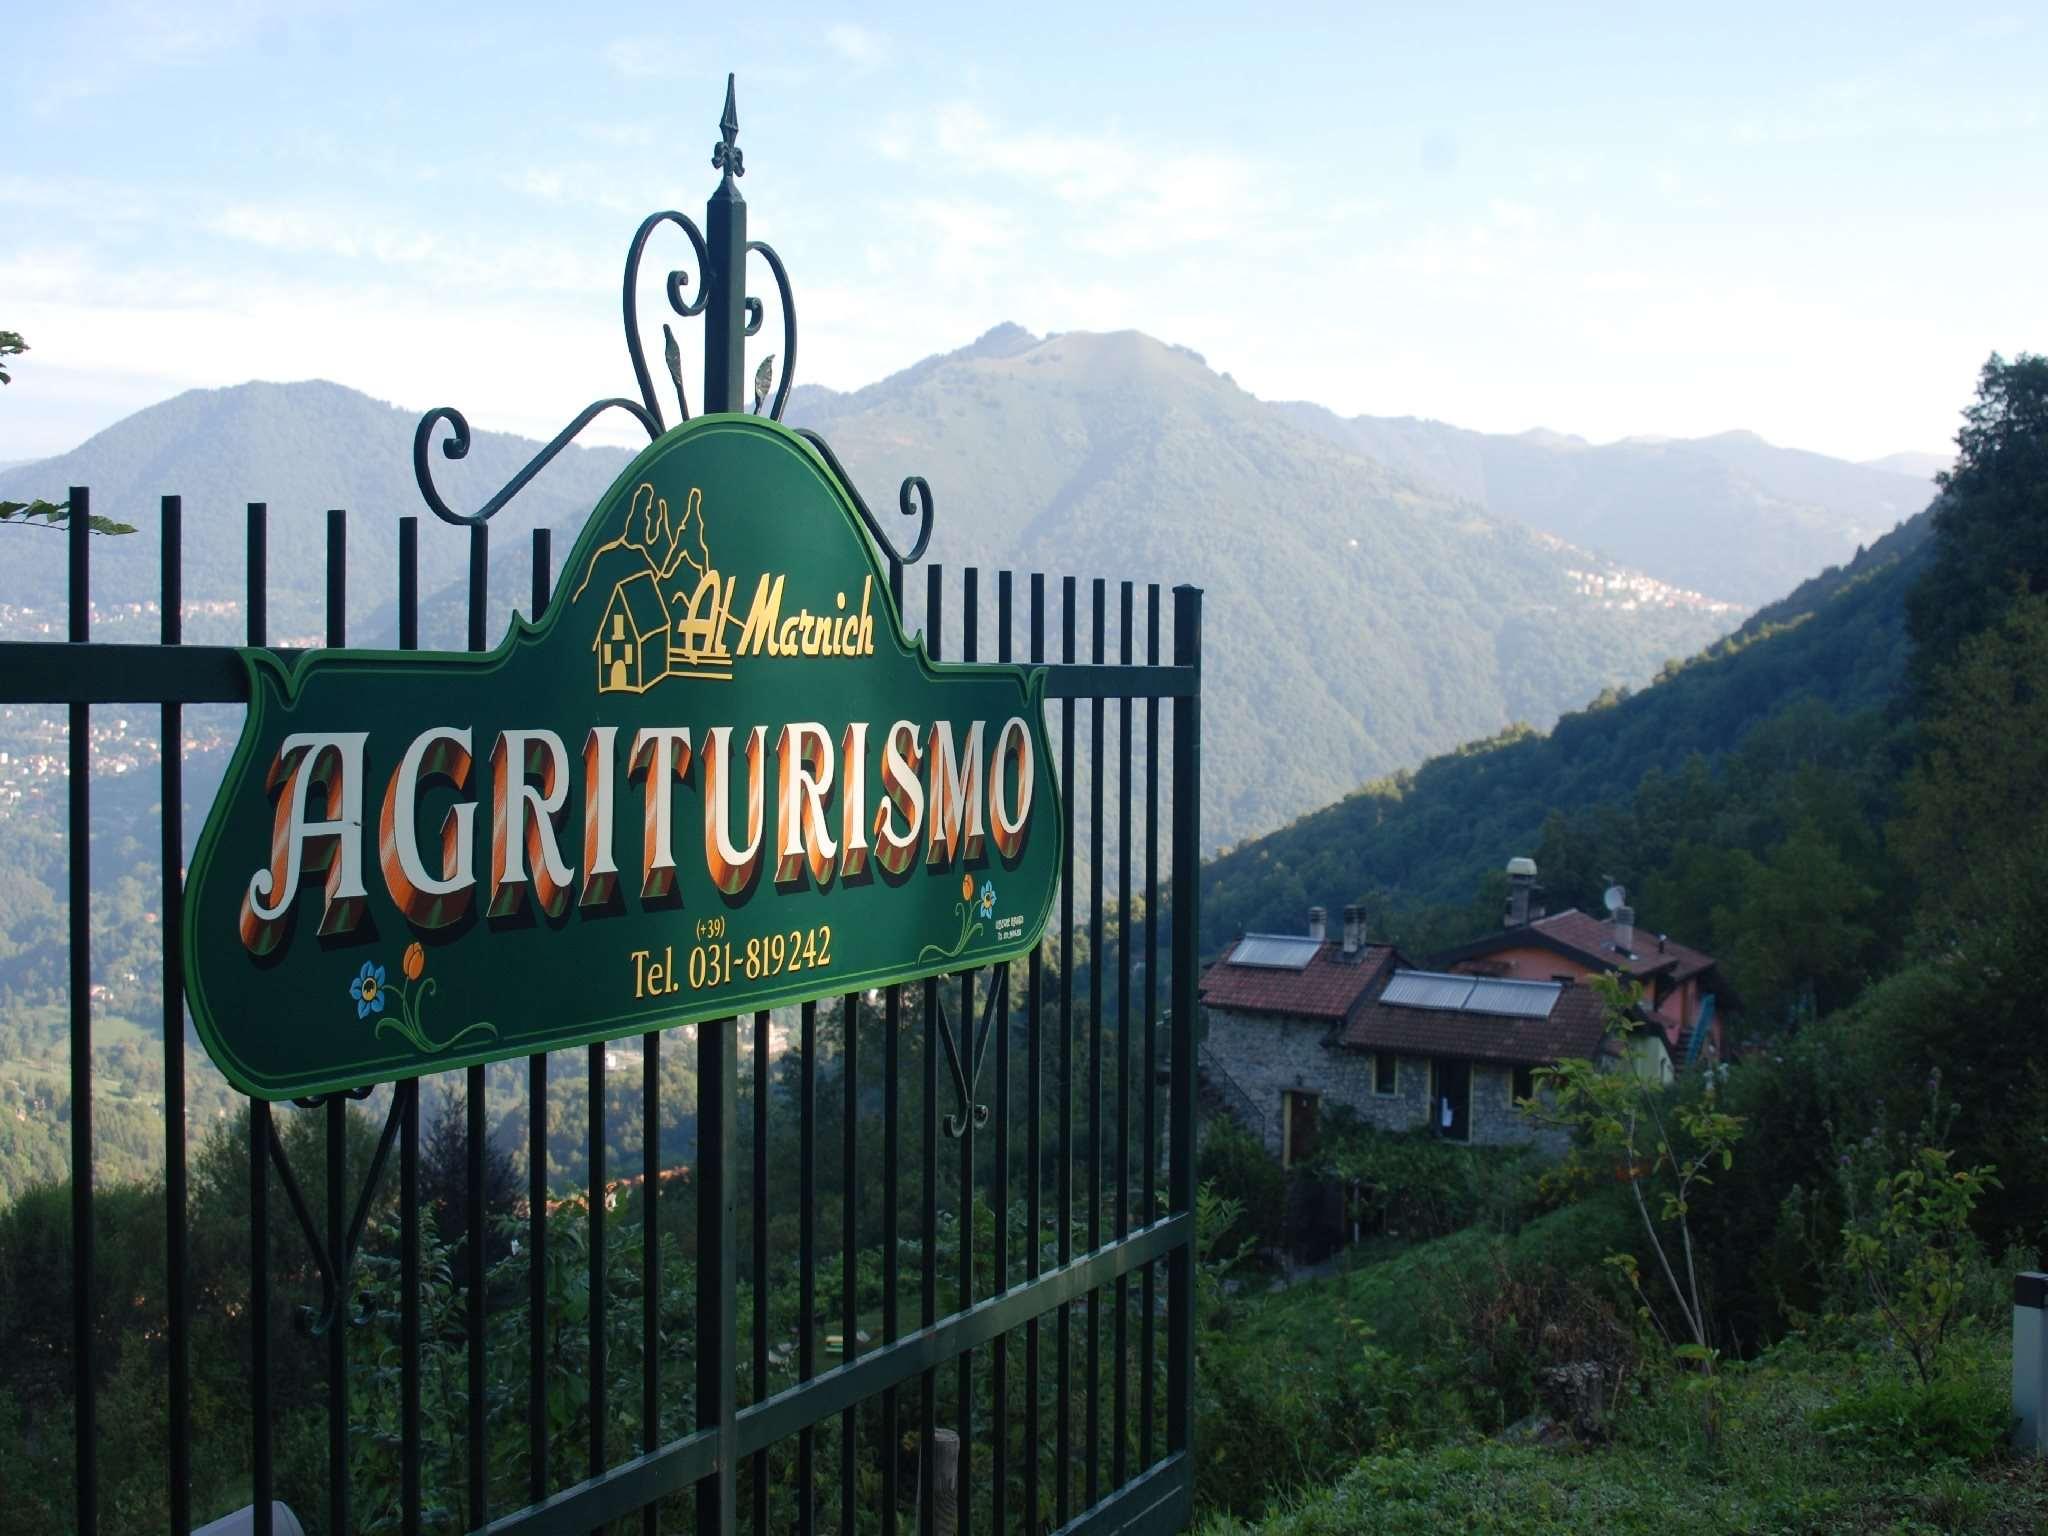 L'Agriturismo - Benvenuti